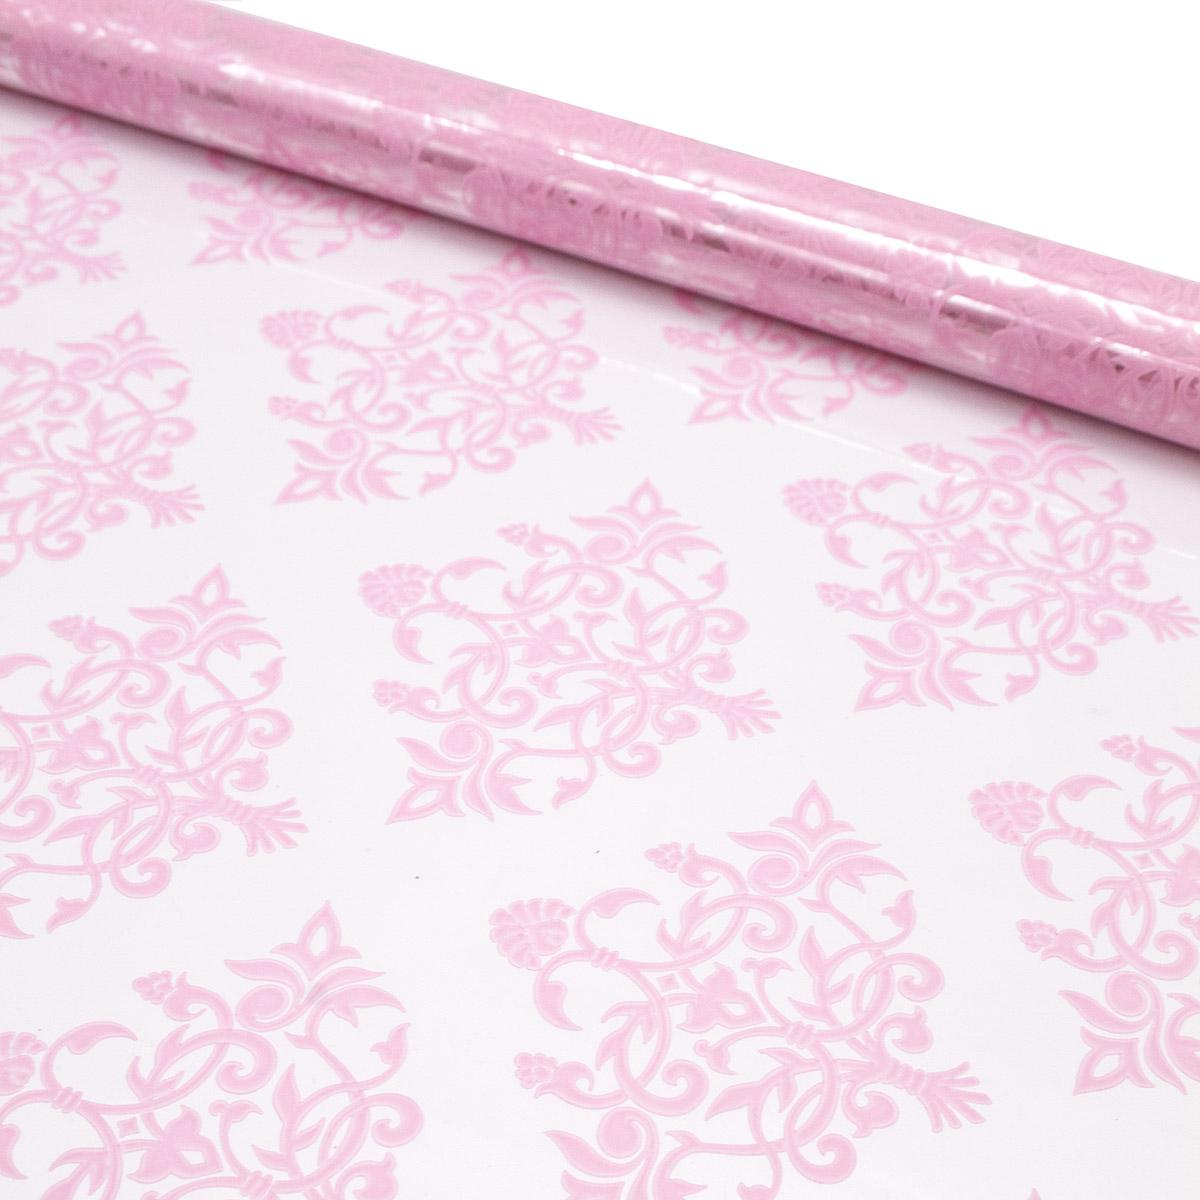 75803 Пленка цветная Нежность 60см розовый жемчужный